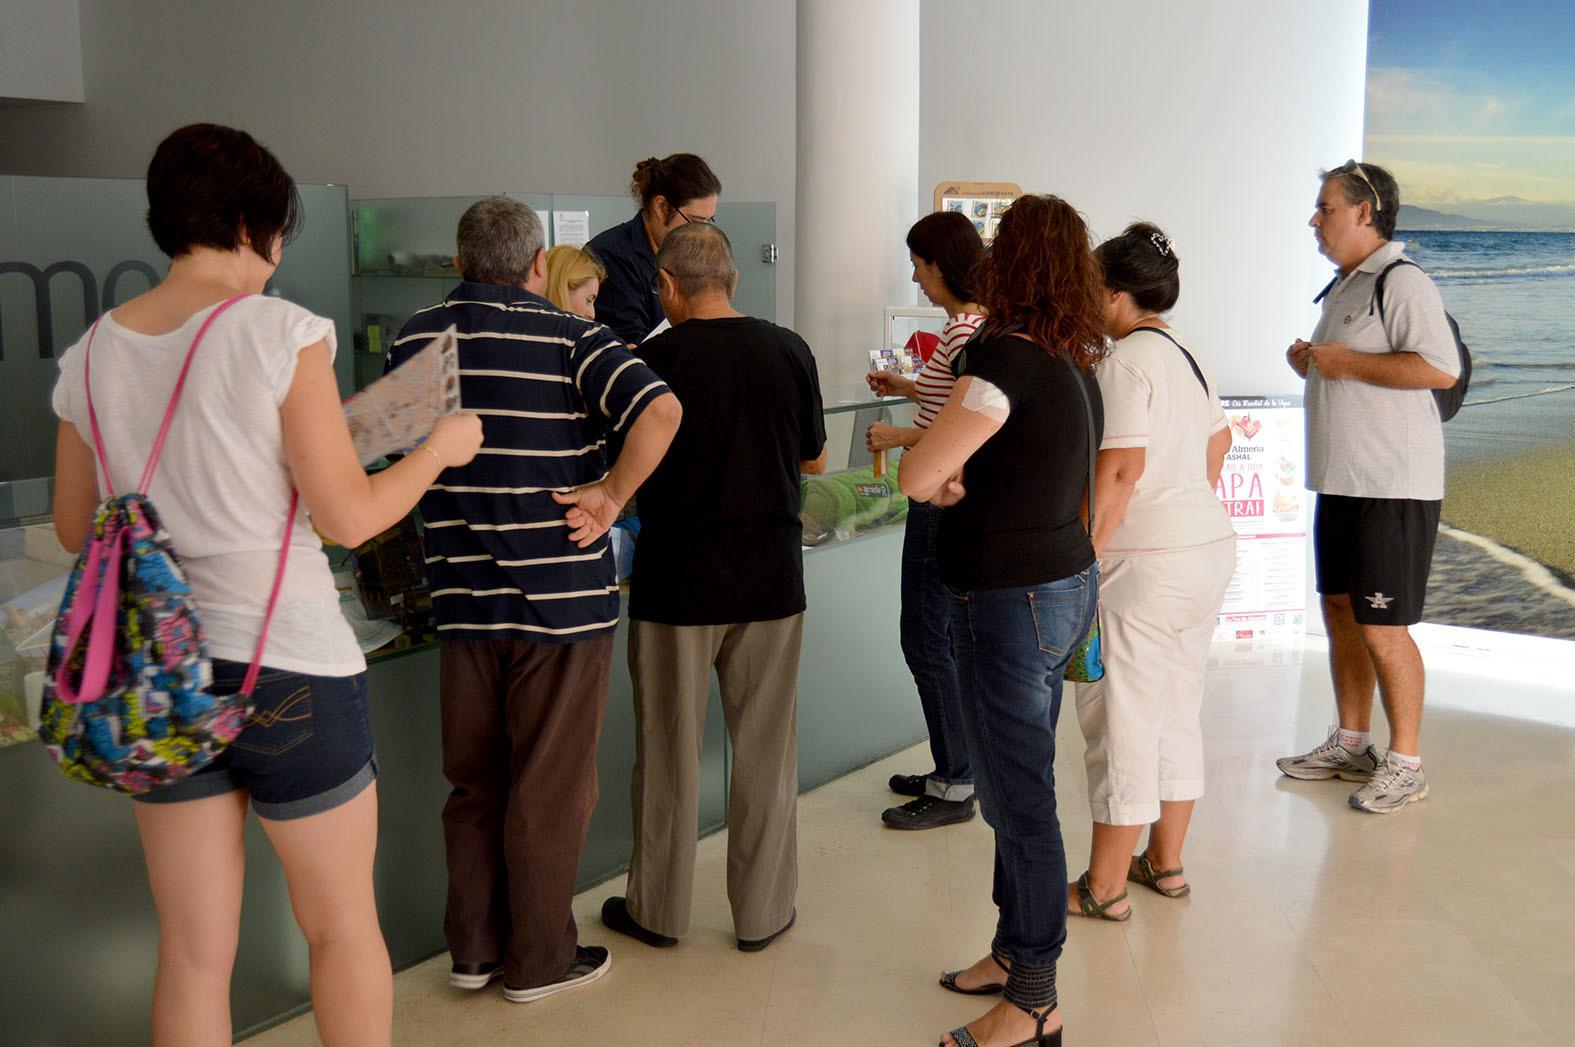 Personas pasaron por la oficina de turismo en agosto for Oficina de turismo de toledo capital